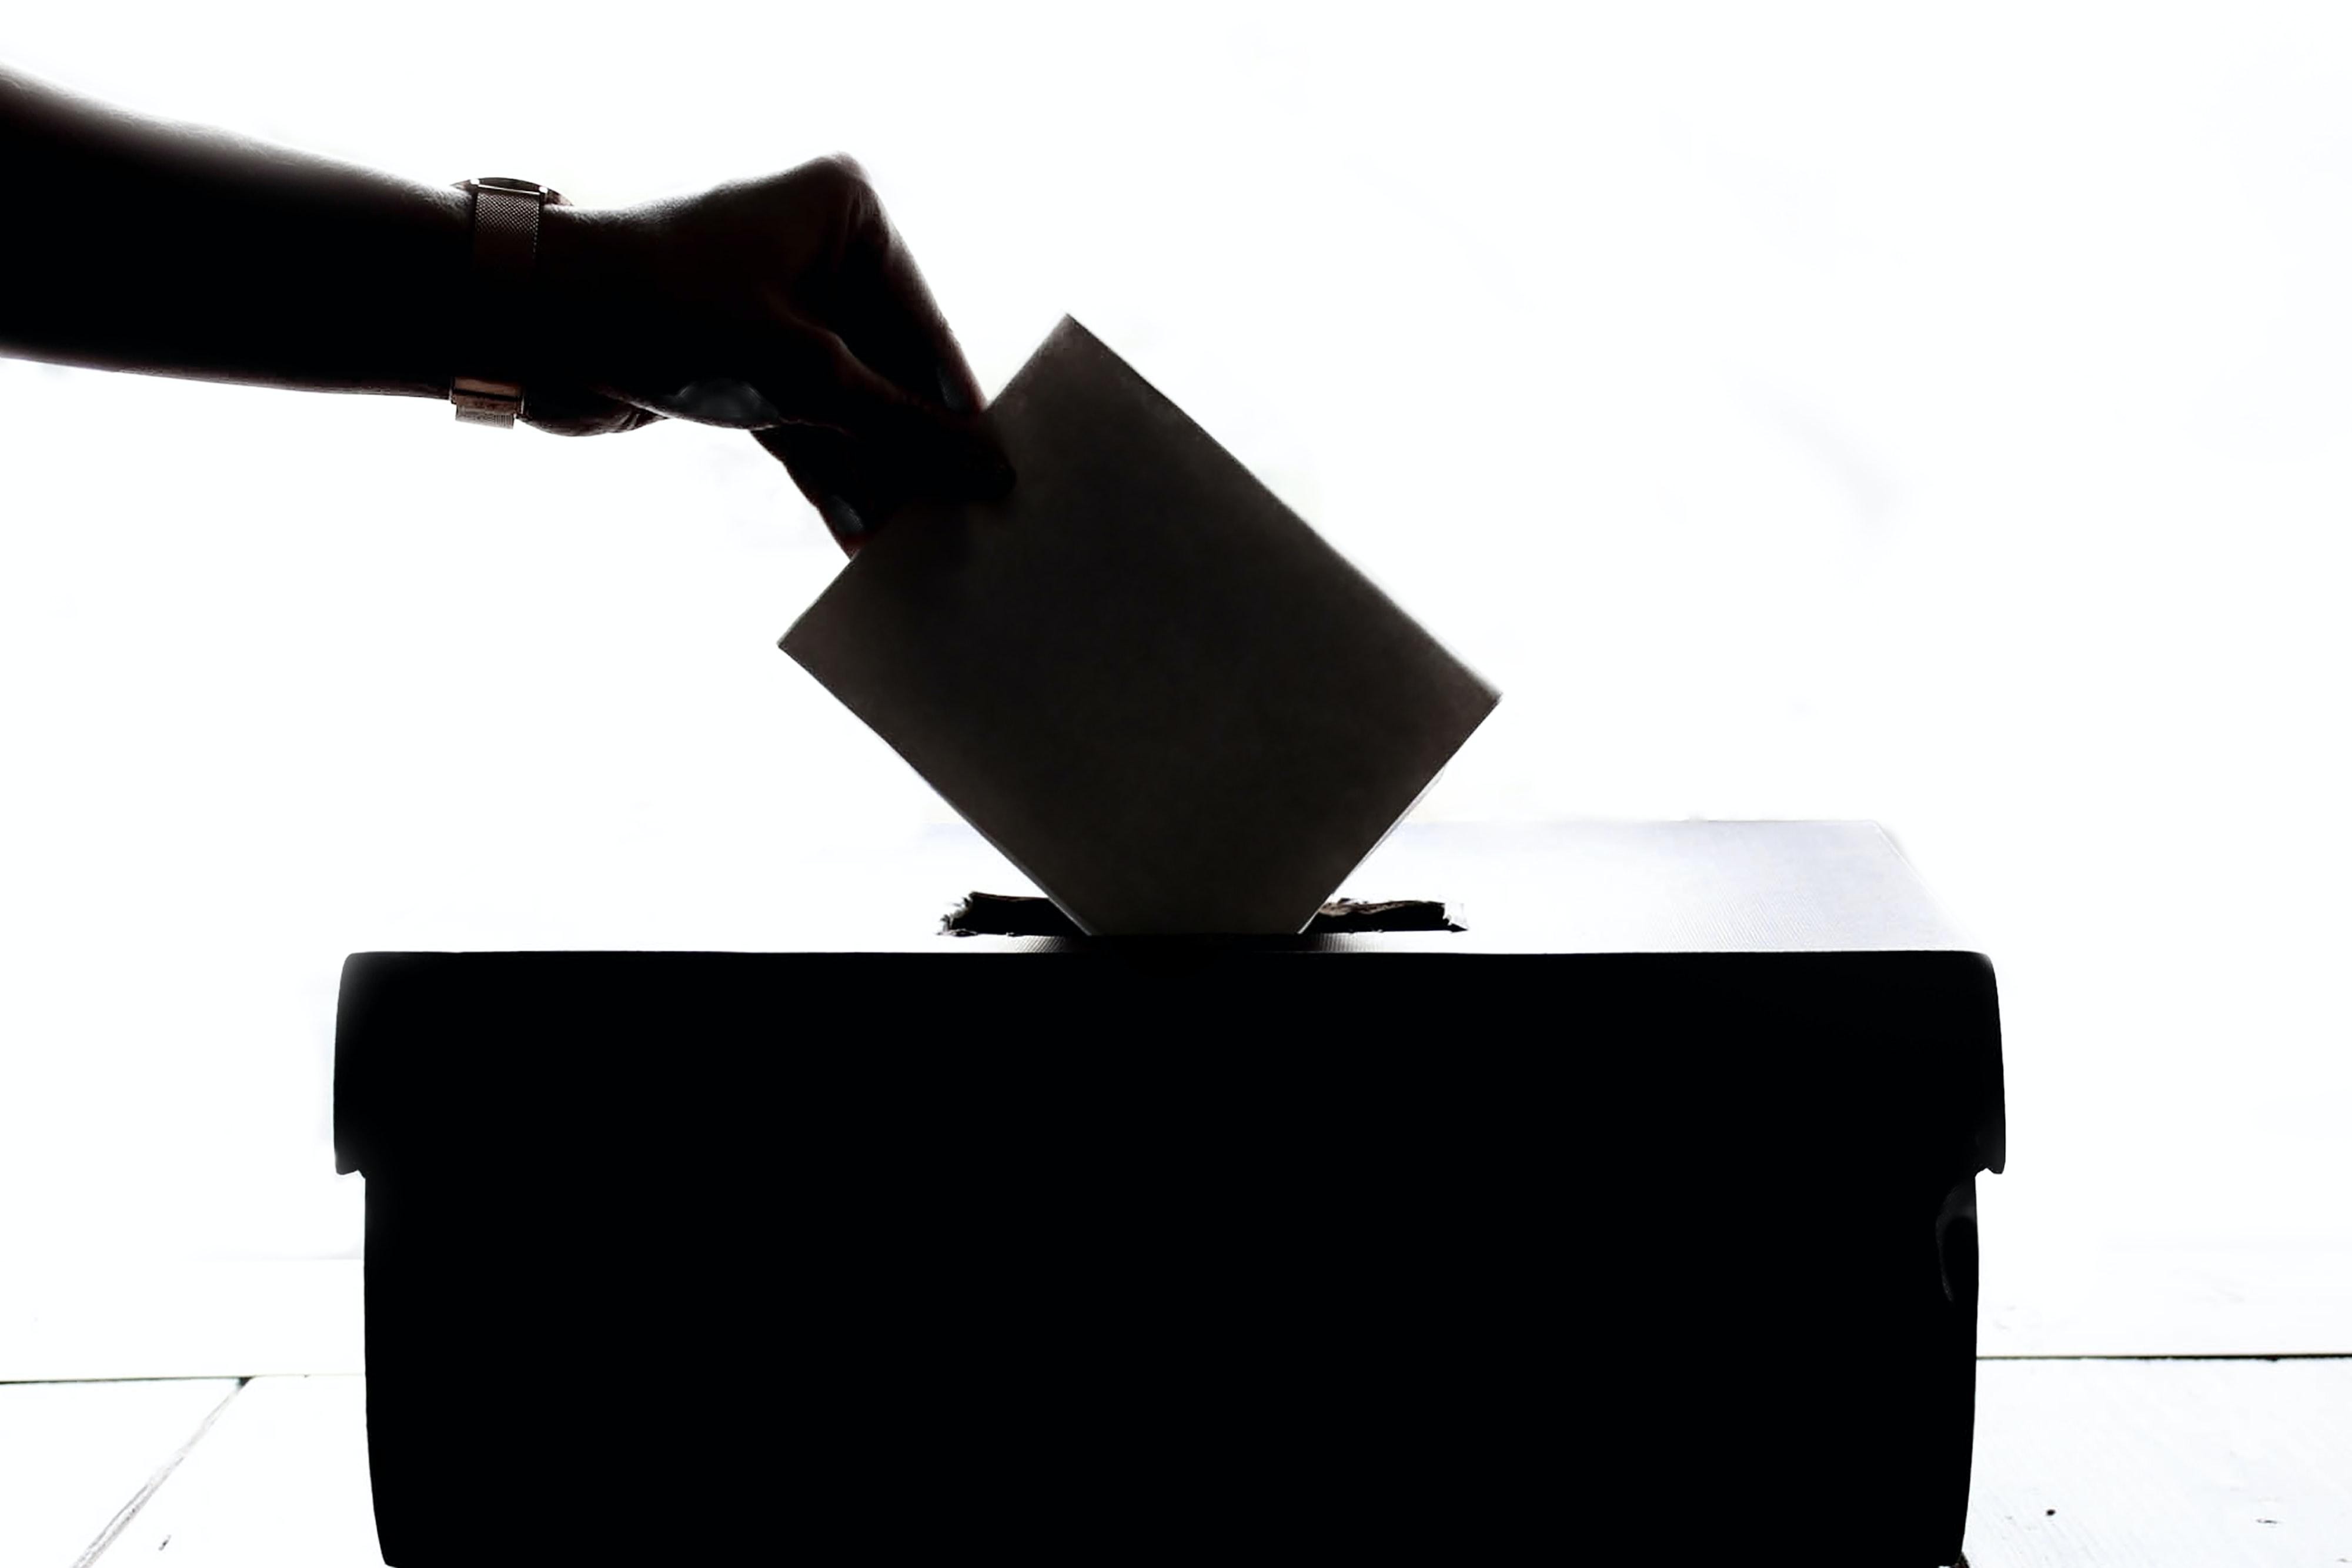 Alegătorii cu act de identitate expirat în perioada 1 martie - 27 septembrie pot vota